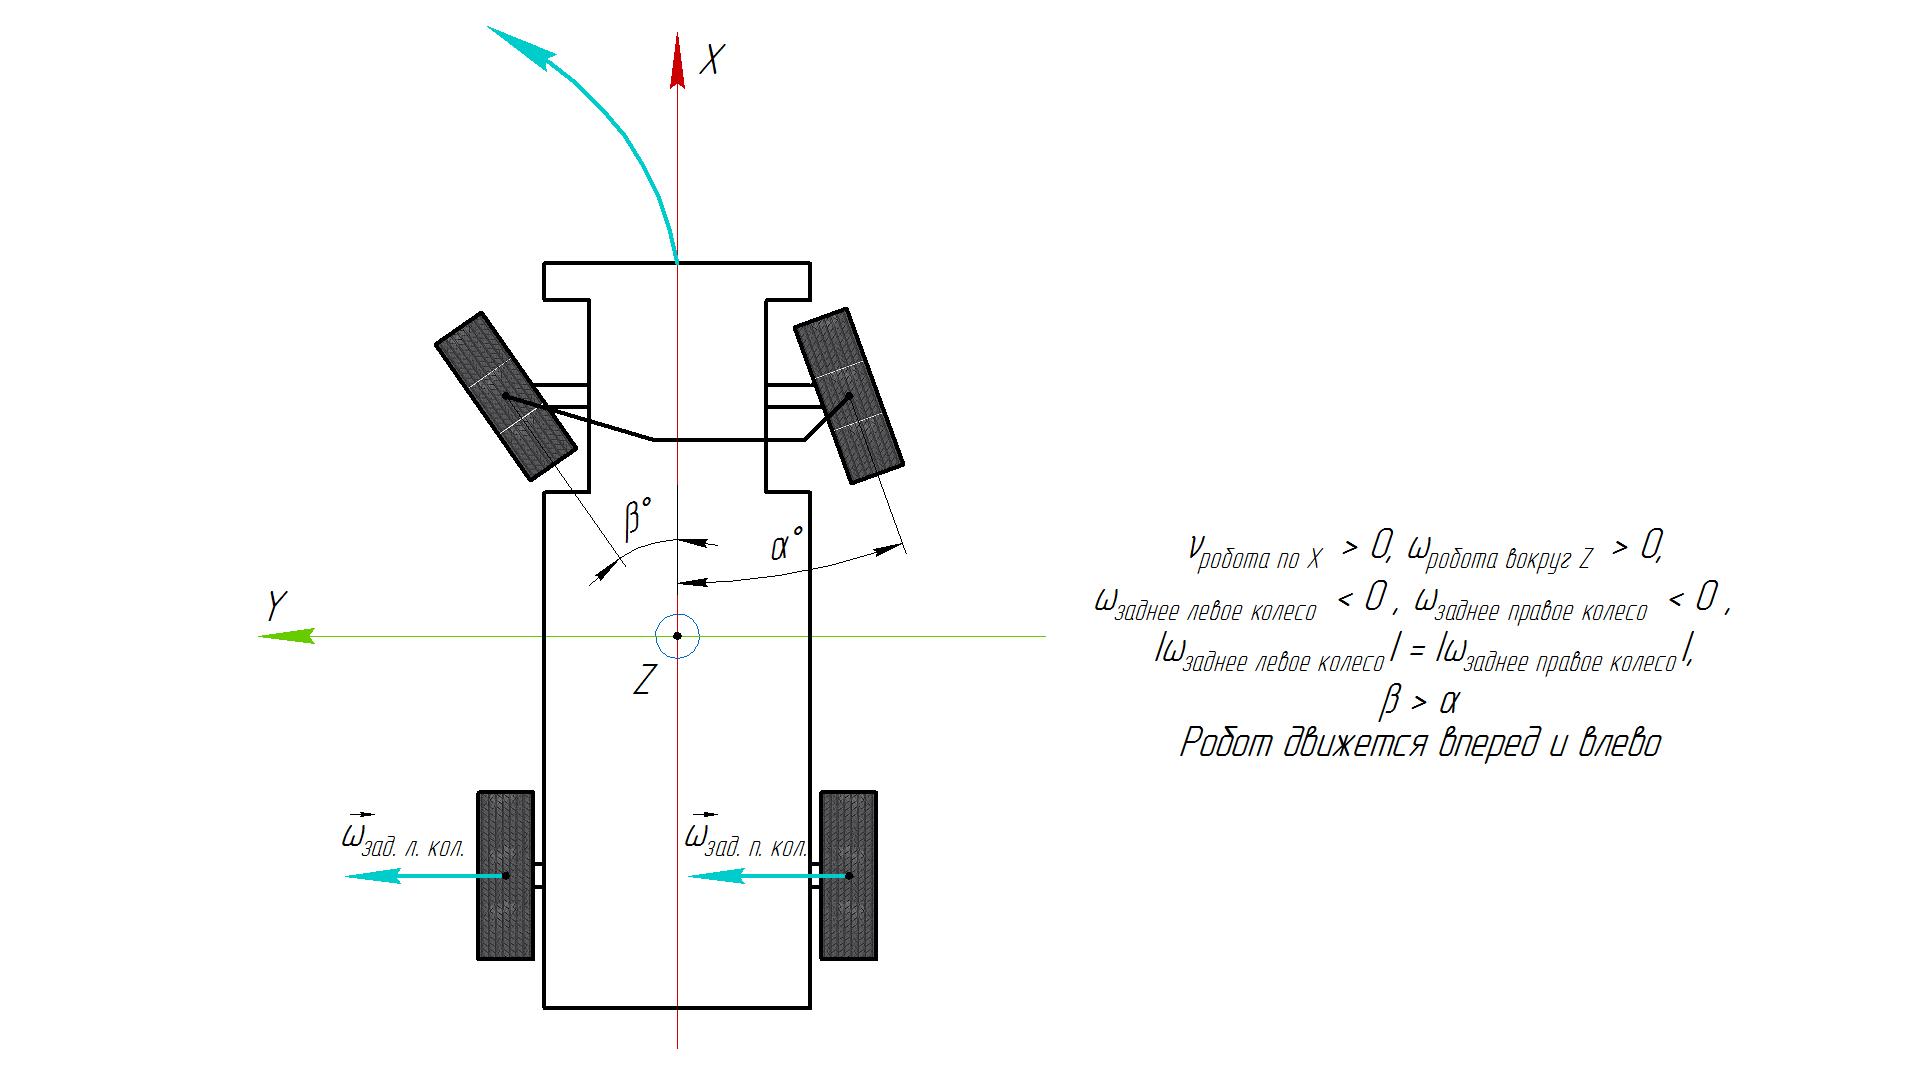 part_1_ru_robot_drive_4_scheme_1.png